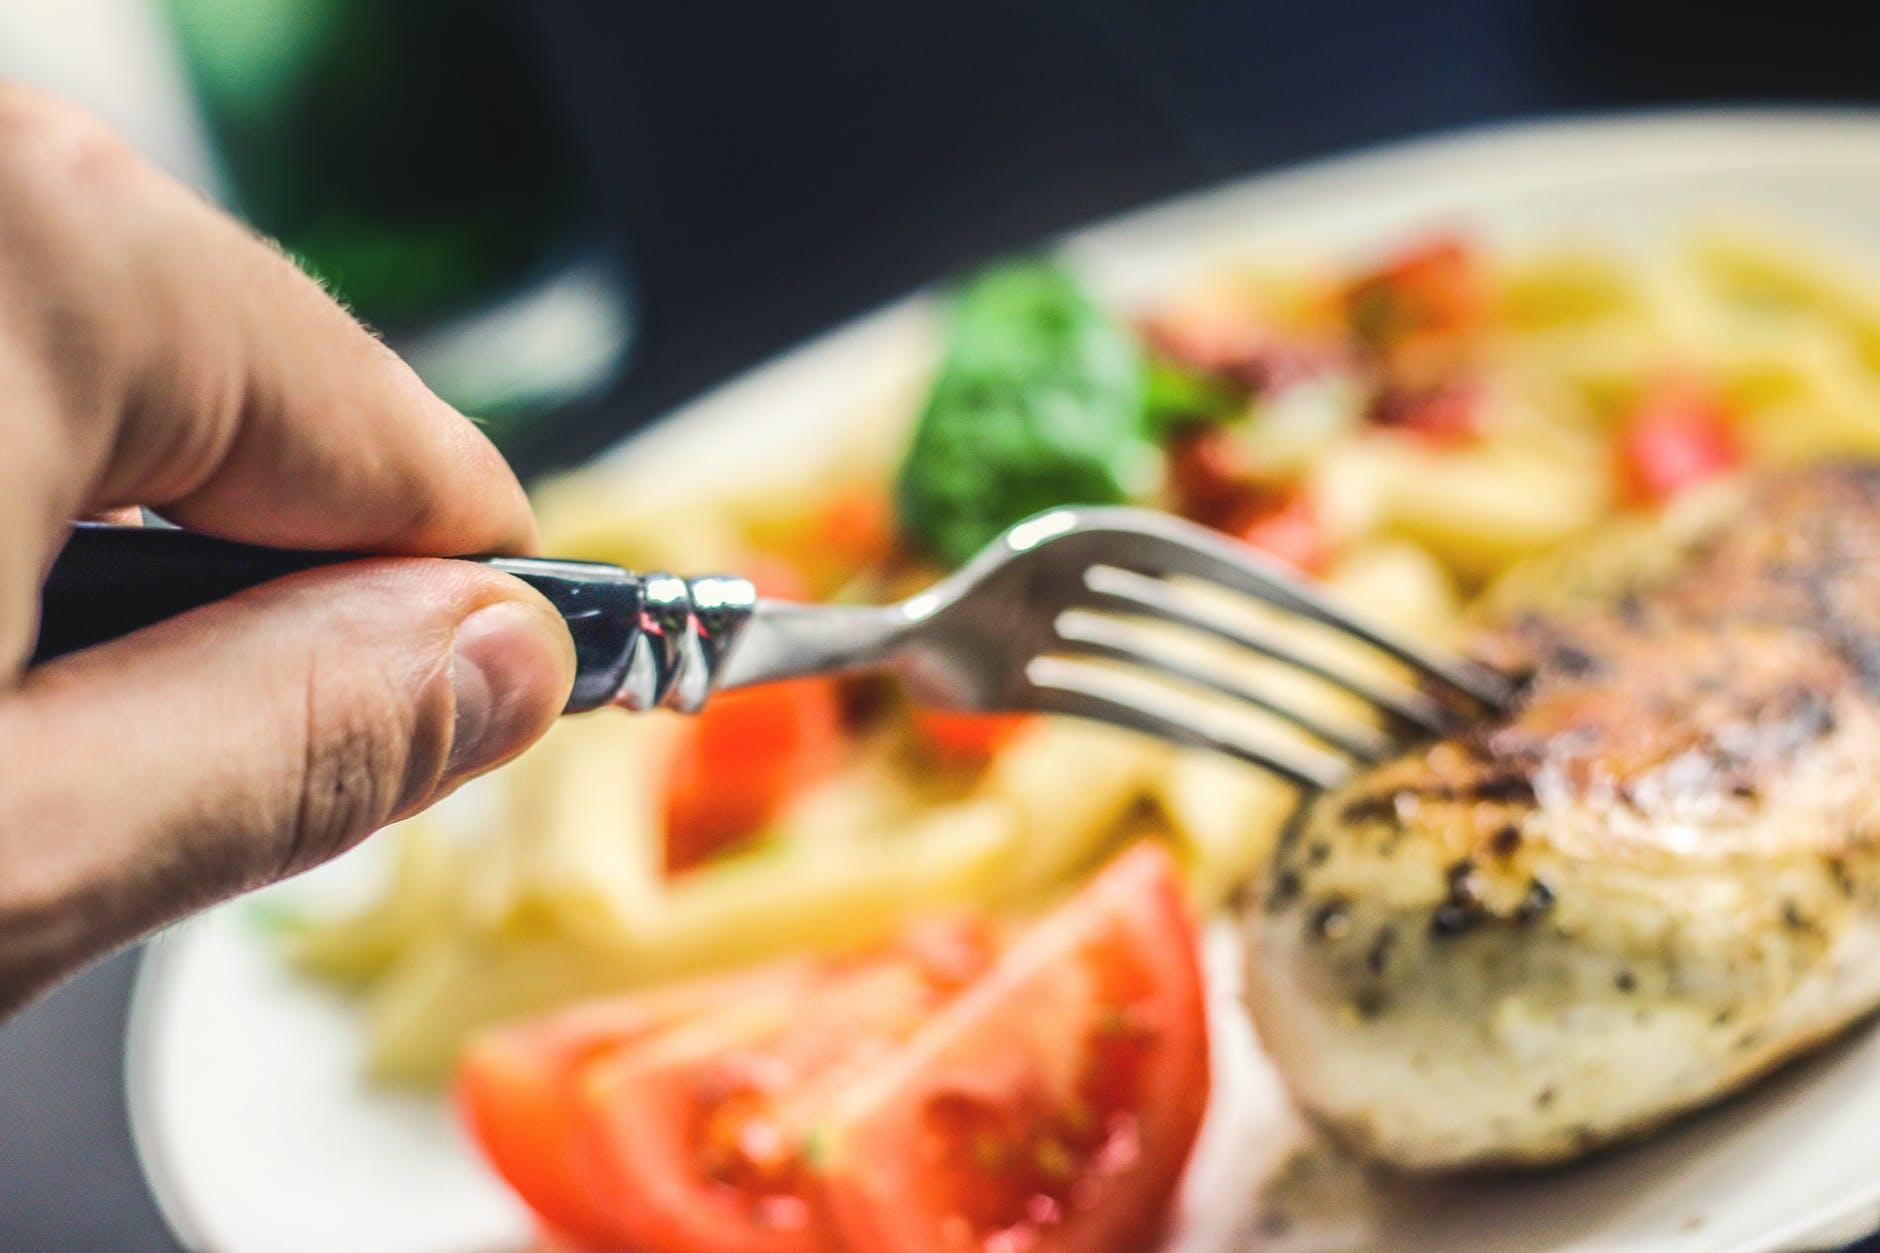 Ce se întâmplă dacă mănânci seara! Răspunsul care răstoarnă toate miturile